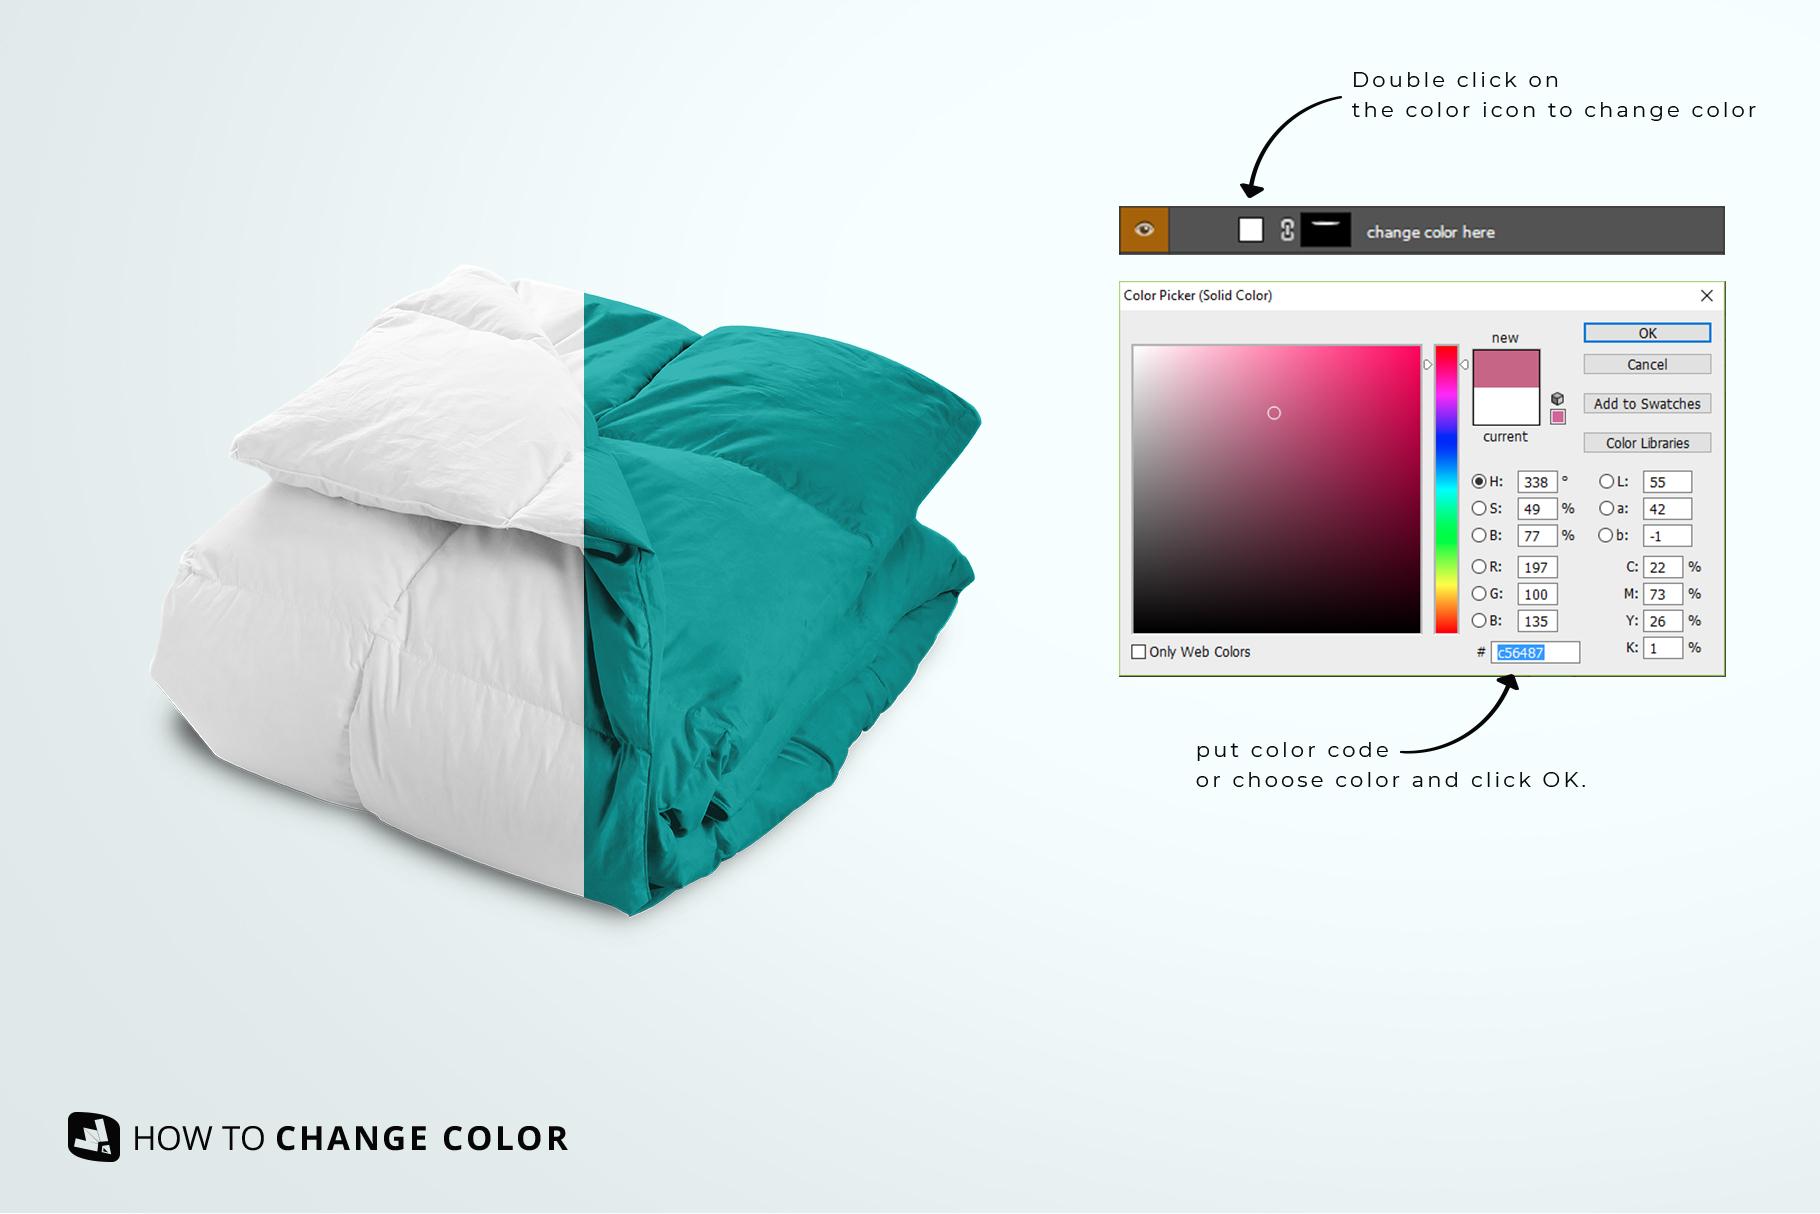 change color of the folded comforter blanket mockup